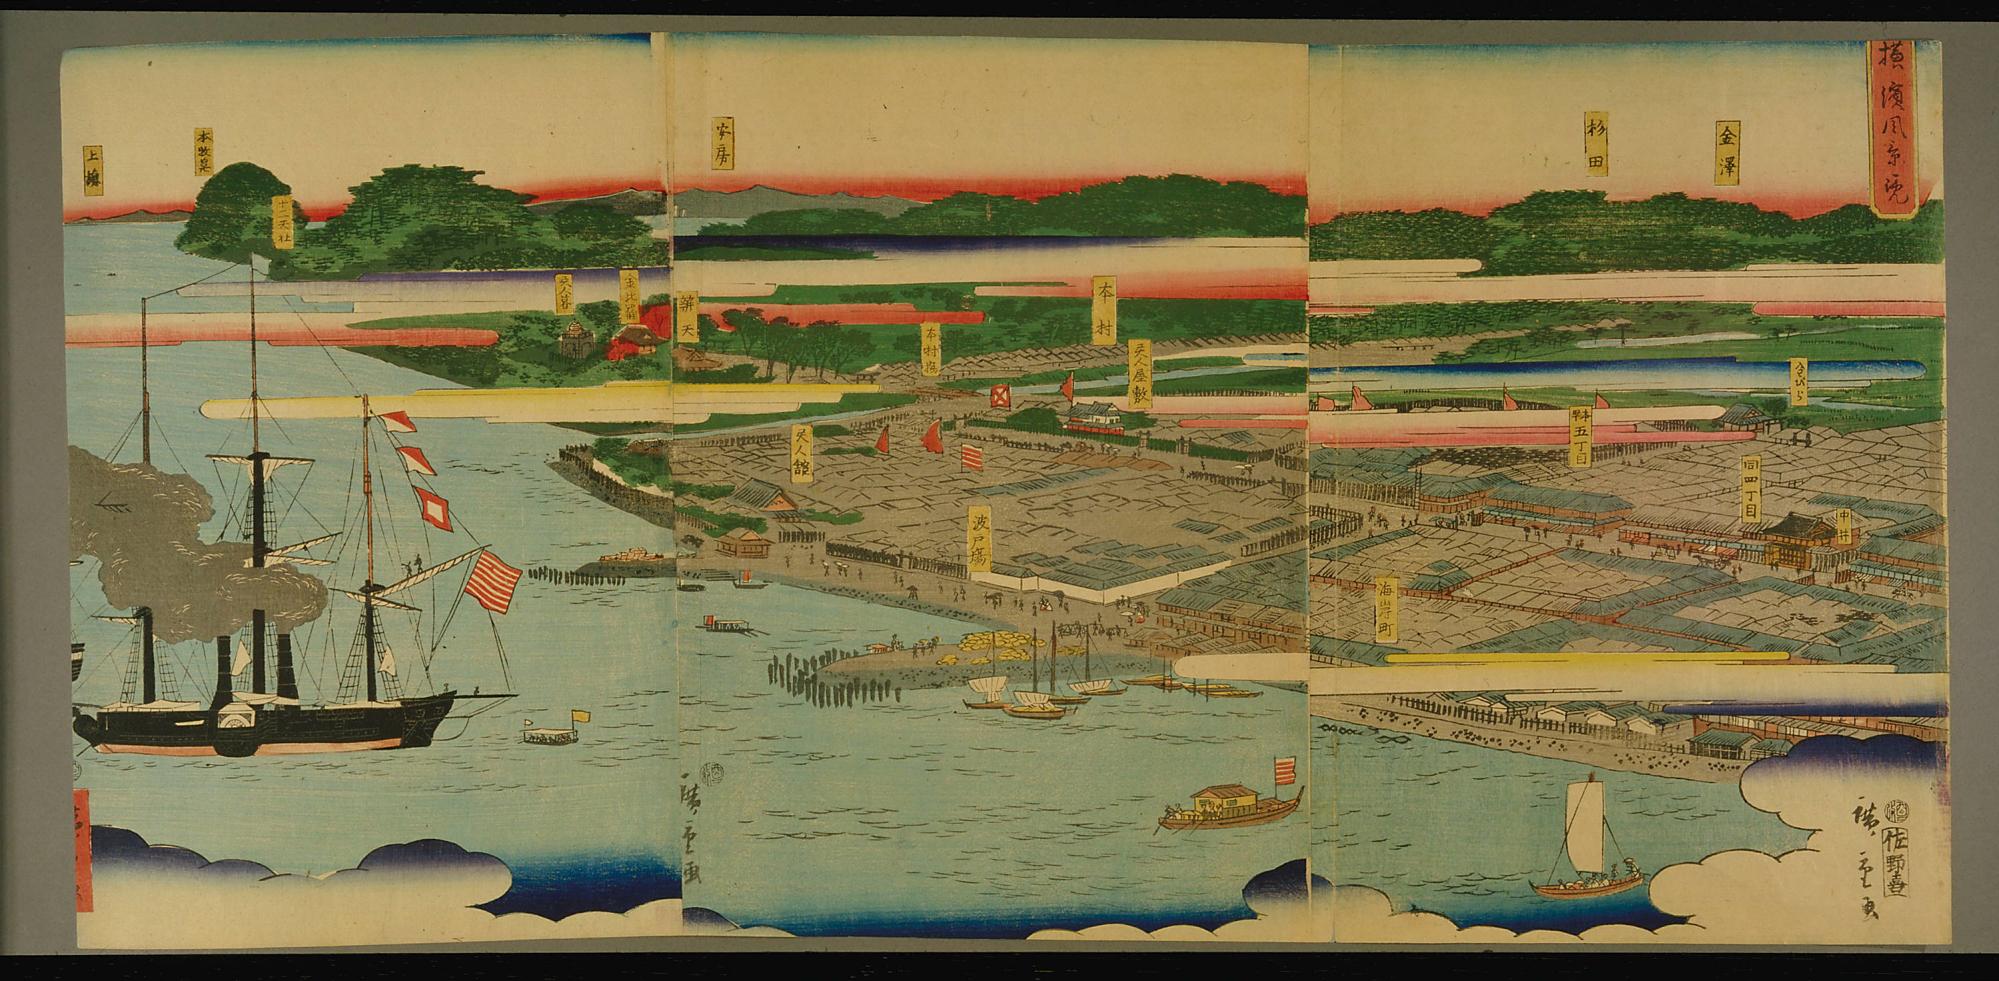 Kanagawa, Noge, and Yokohama; Evening Scene of Yokohama